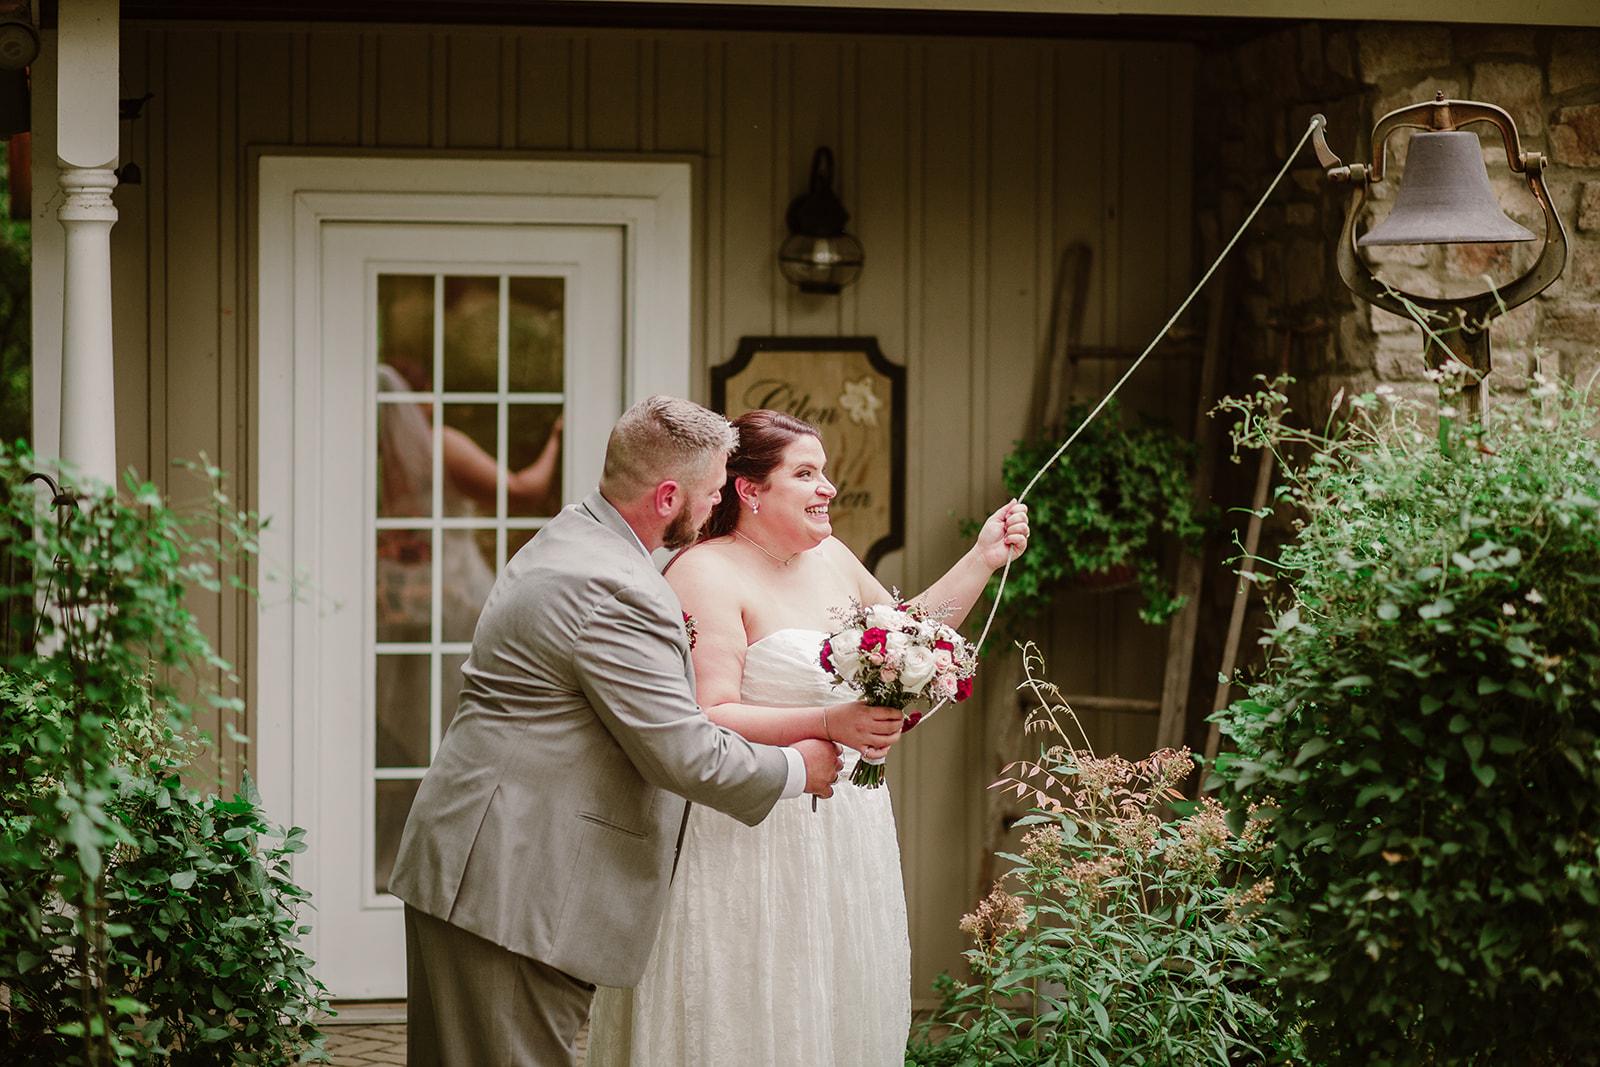 SarahMattozziPhotography-NicoleChris-GlenGardens-Ceremony-19.jpg